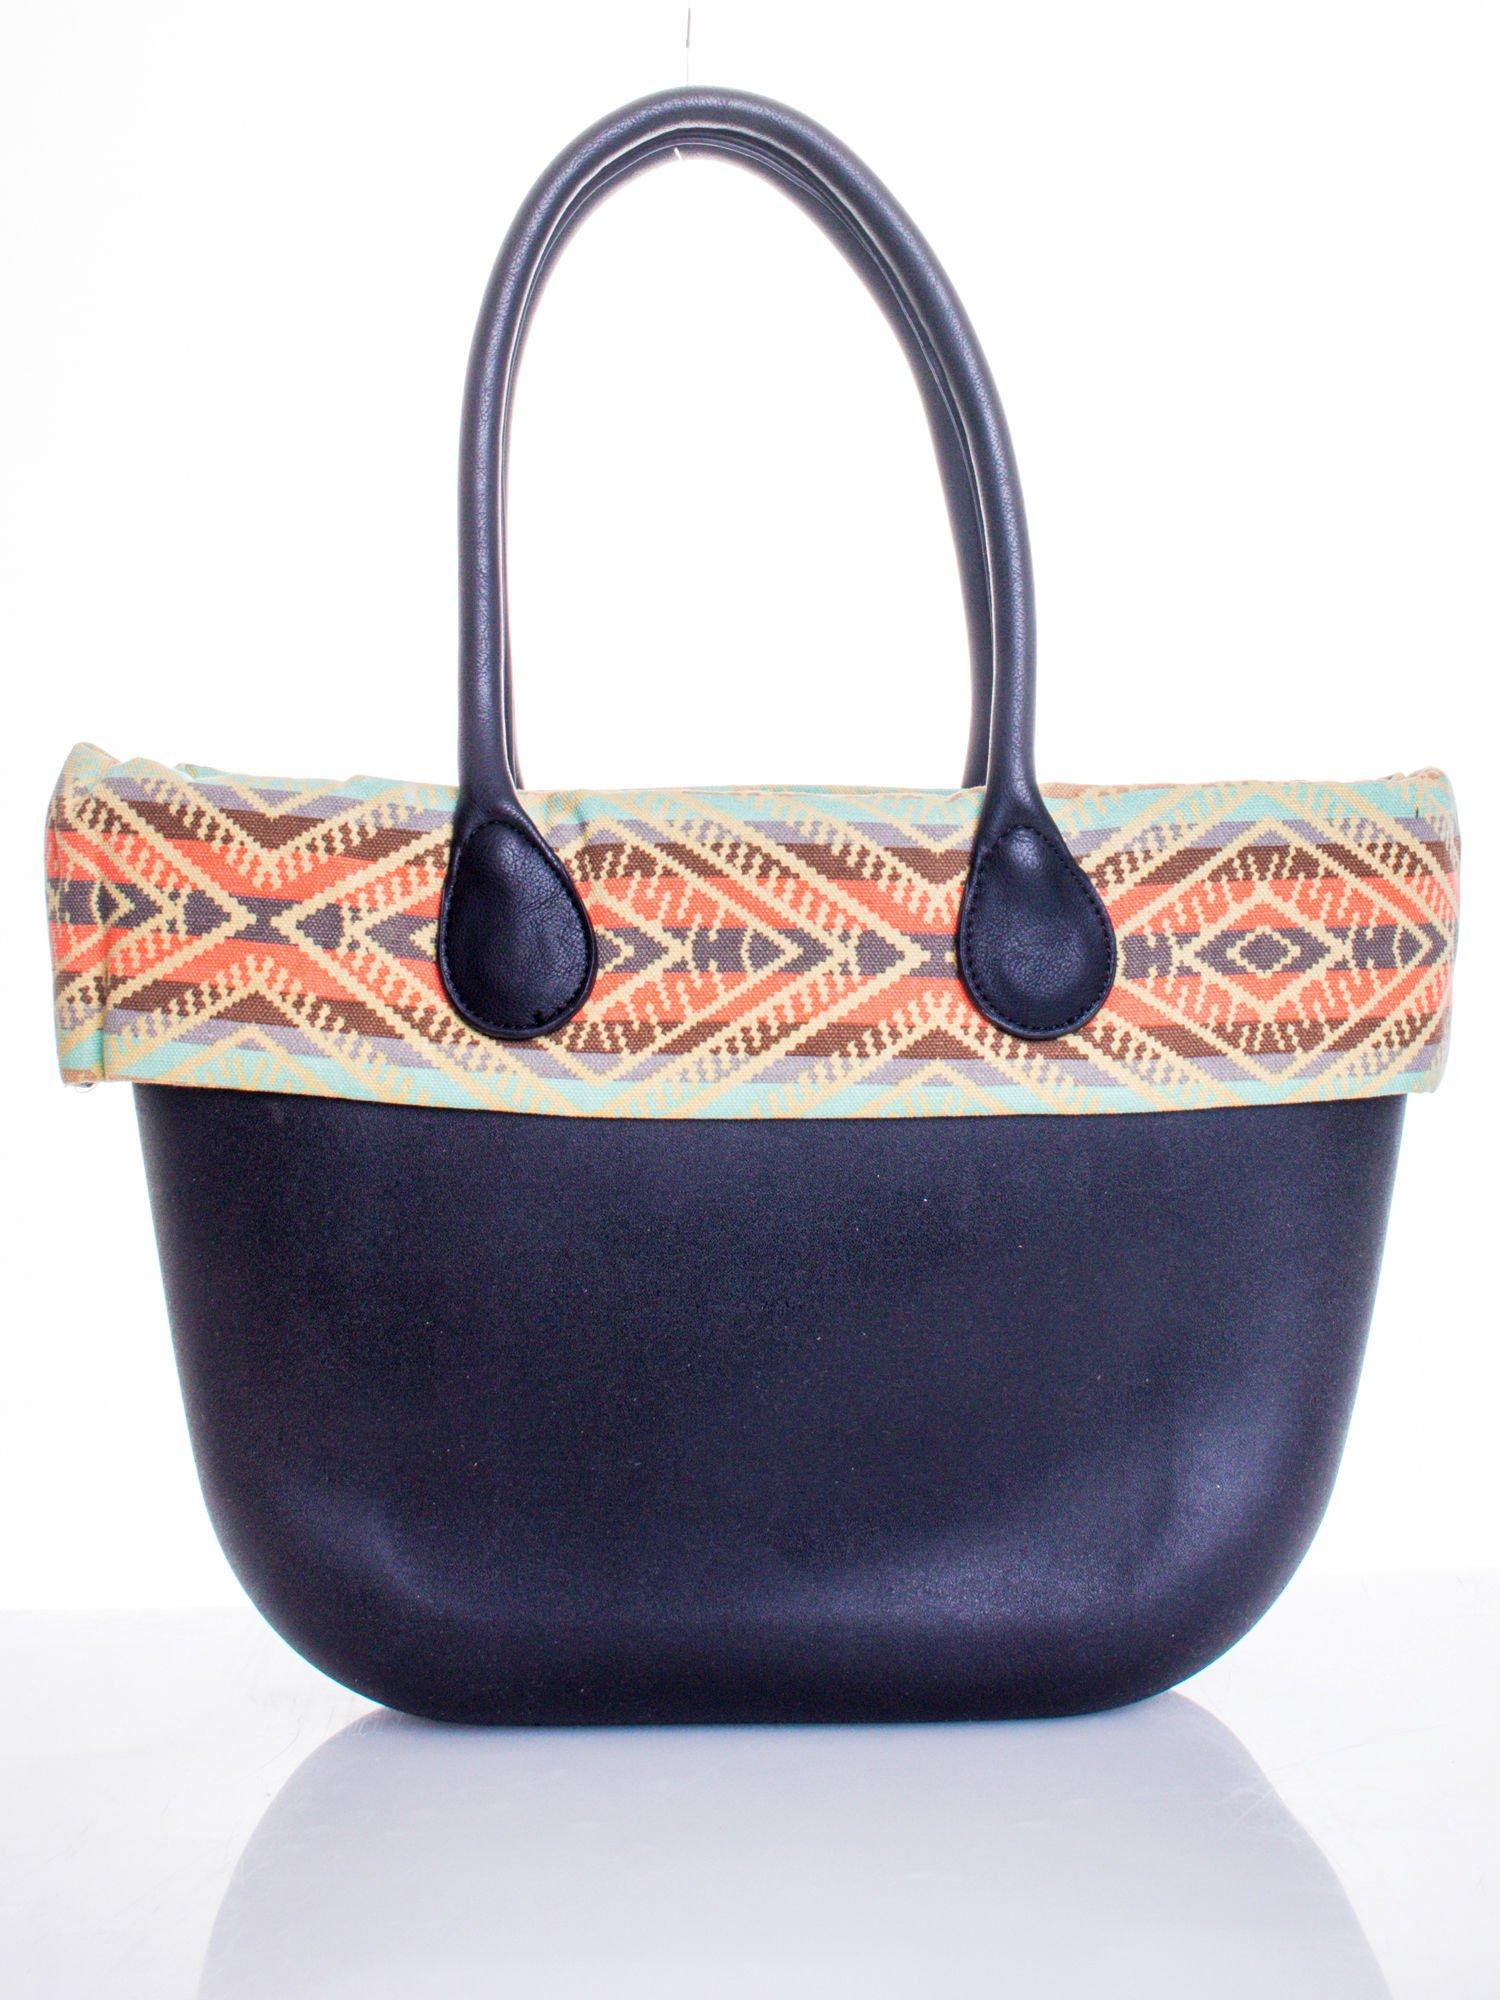 Czarna torba gumowa z motywem azteckim                                  zdj.                                  1